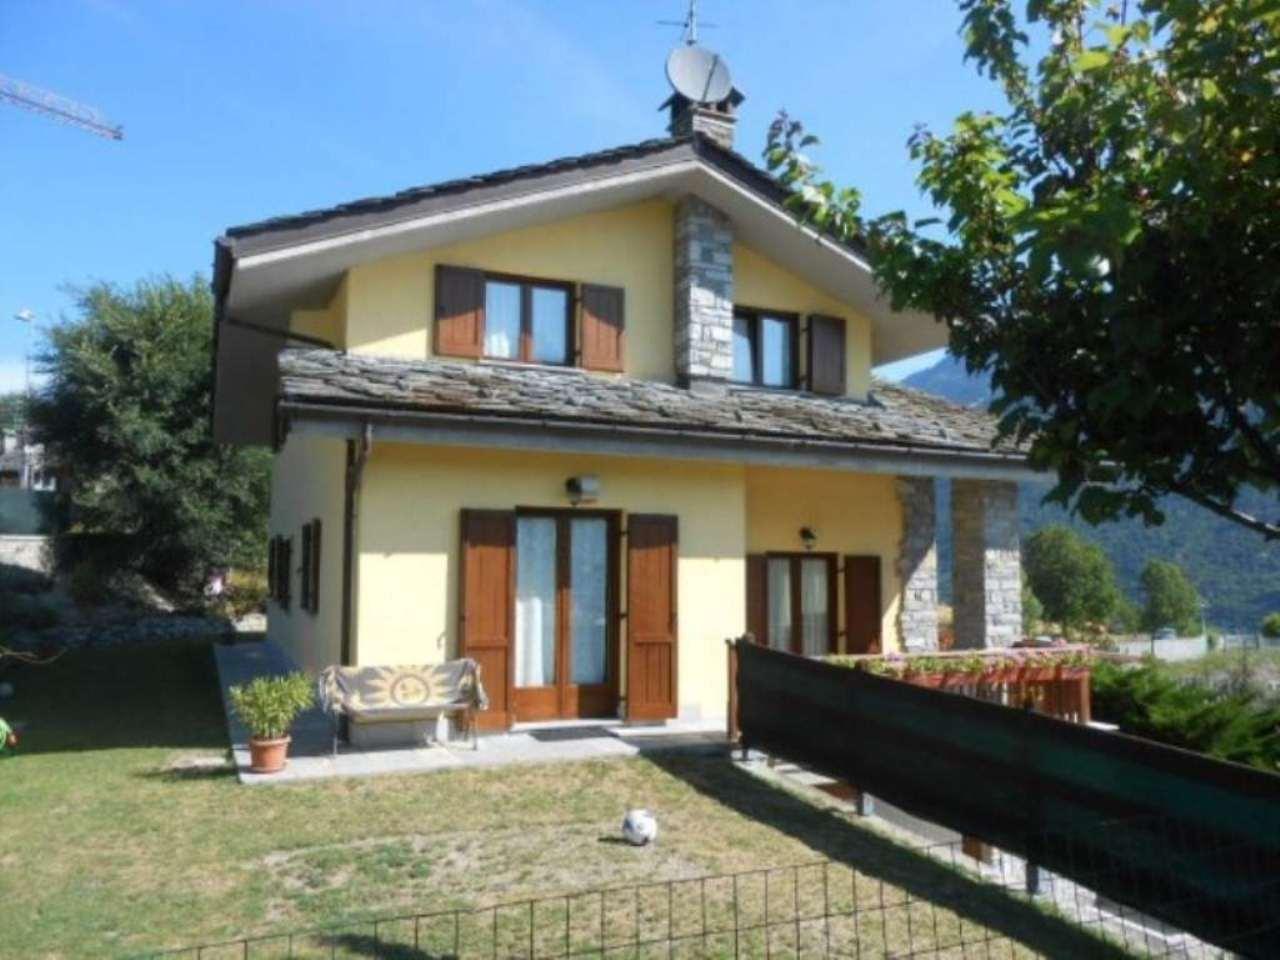 Villa in vendita a Aosta, 6 locali, Trattative riservate | Cambio Casa.it